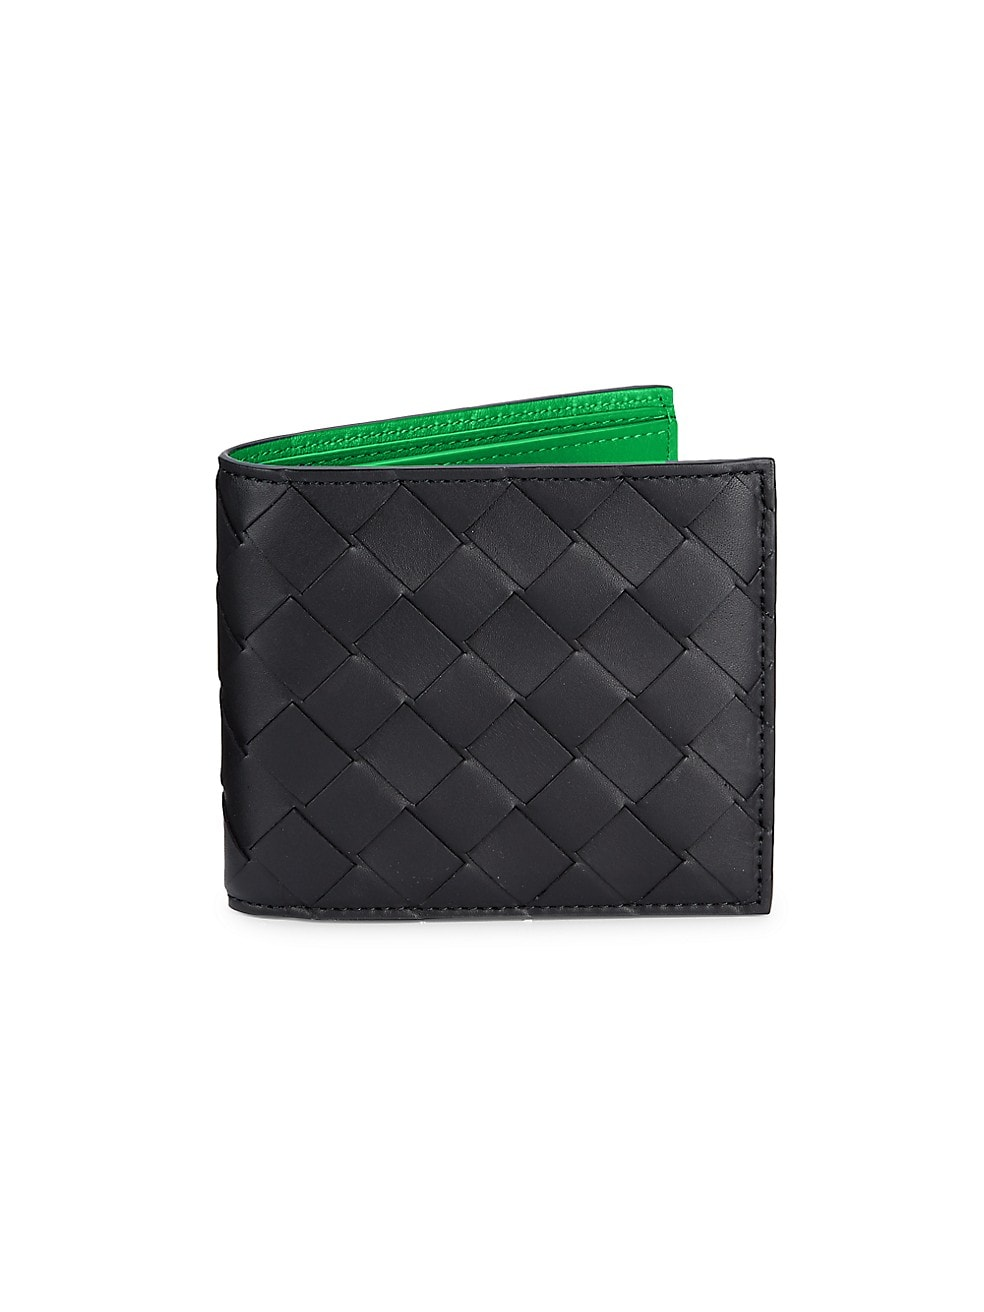 보테가 베네타 Bottega Veneta Intrecciato Leather Billfold Wallet,BLACK GRASS SILVER